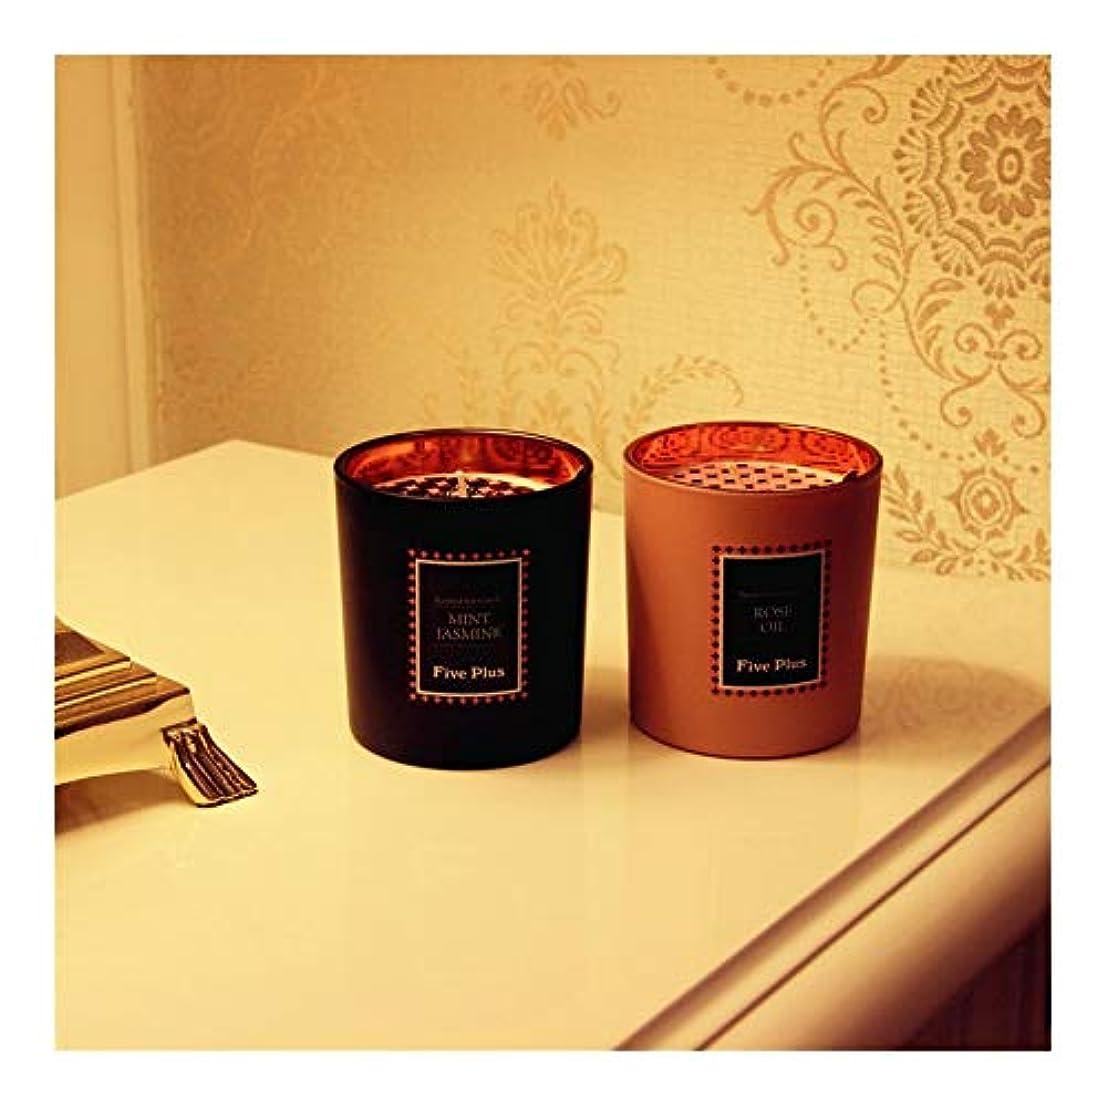 充実磁気インシュレータZtian キャンドルのガラス充填ワックスクリエイティブな雰囲気の設定の赤黒セット